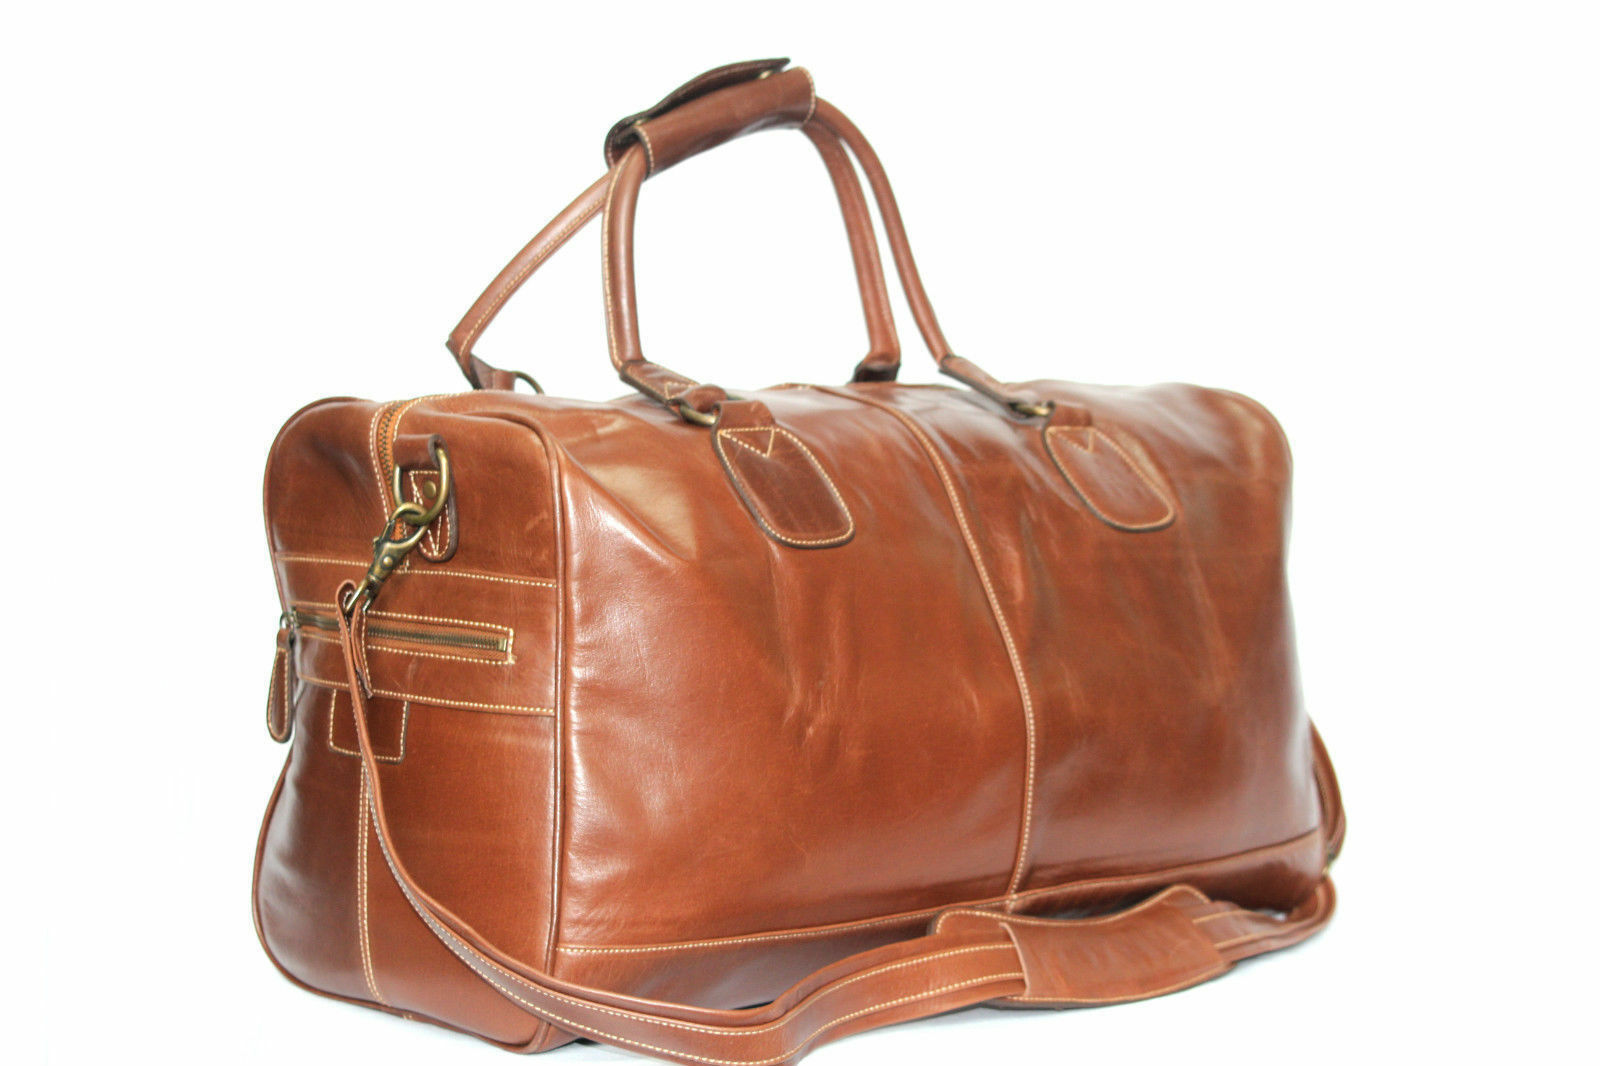 Grand cheshnut braun Vachette Duffle, Holdall, voyage, gym weekend Sac en cuir